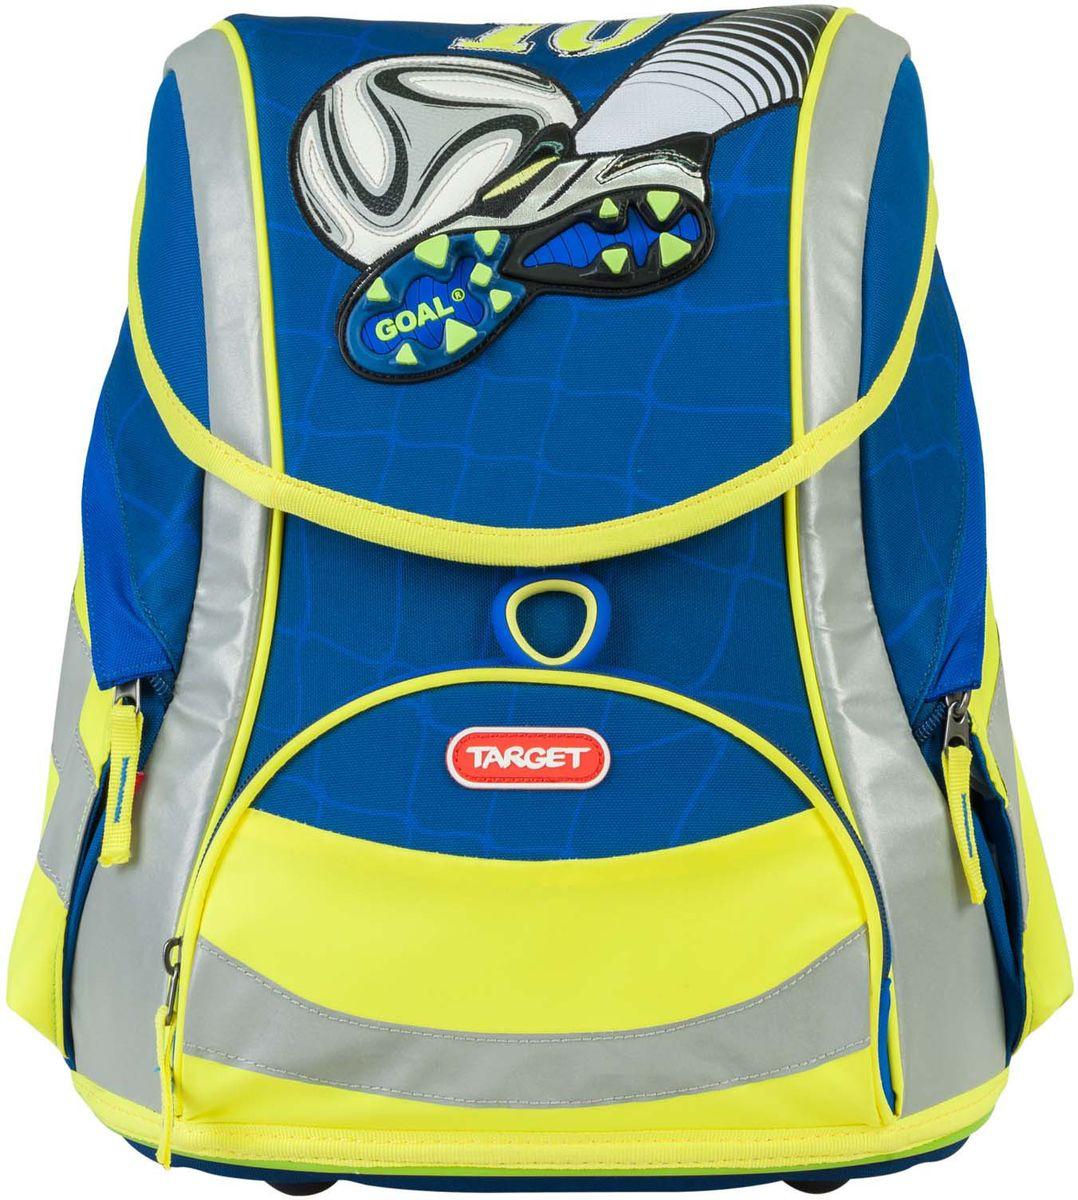 a82c4490cfcd Target Ранец школьный Goal цвет синий — купить в интернет-магазине OZON.ru  с быстрой доставкой